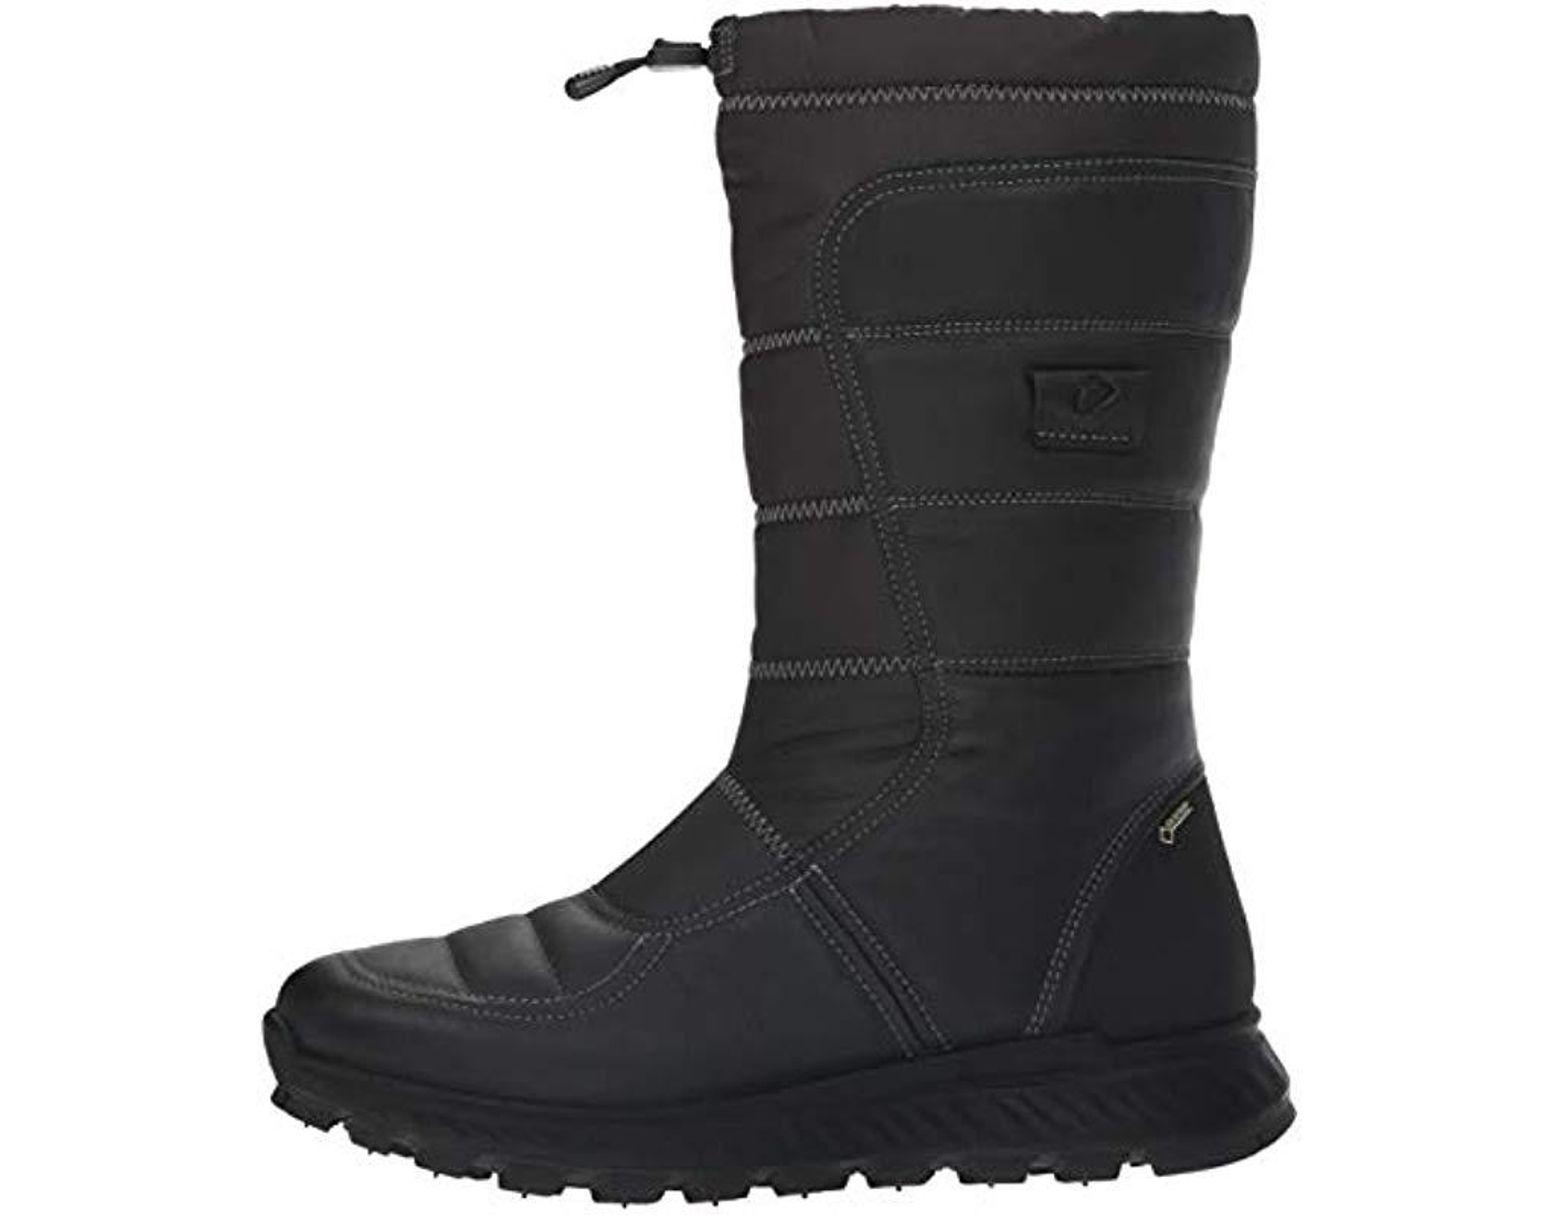 e1c56e6753636 Ecco Exostrike Snow Boots in Black - Save 46% - Lyst